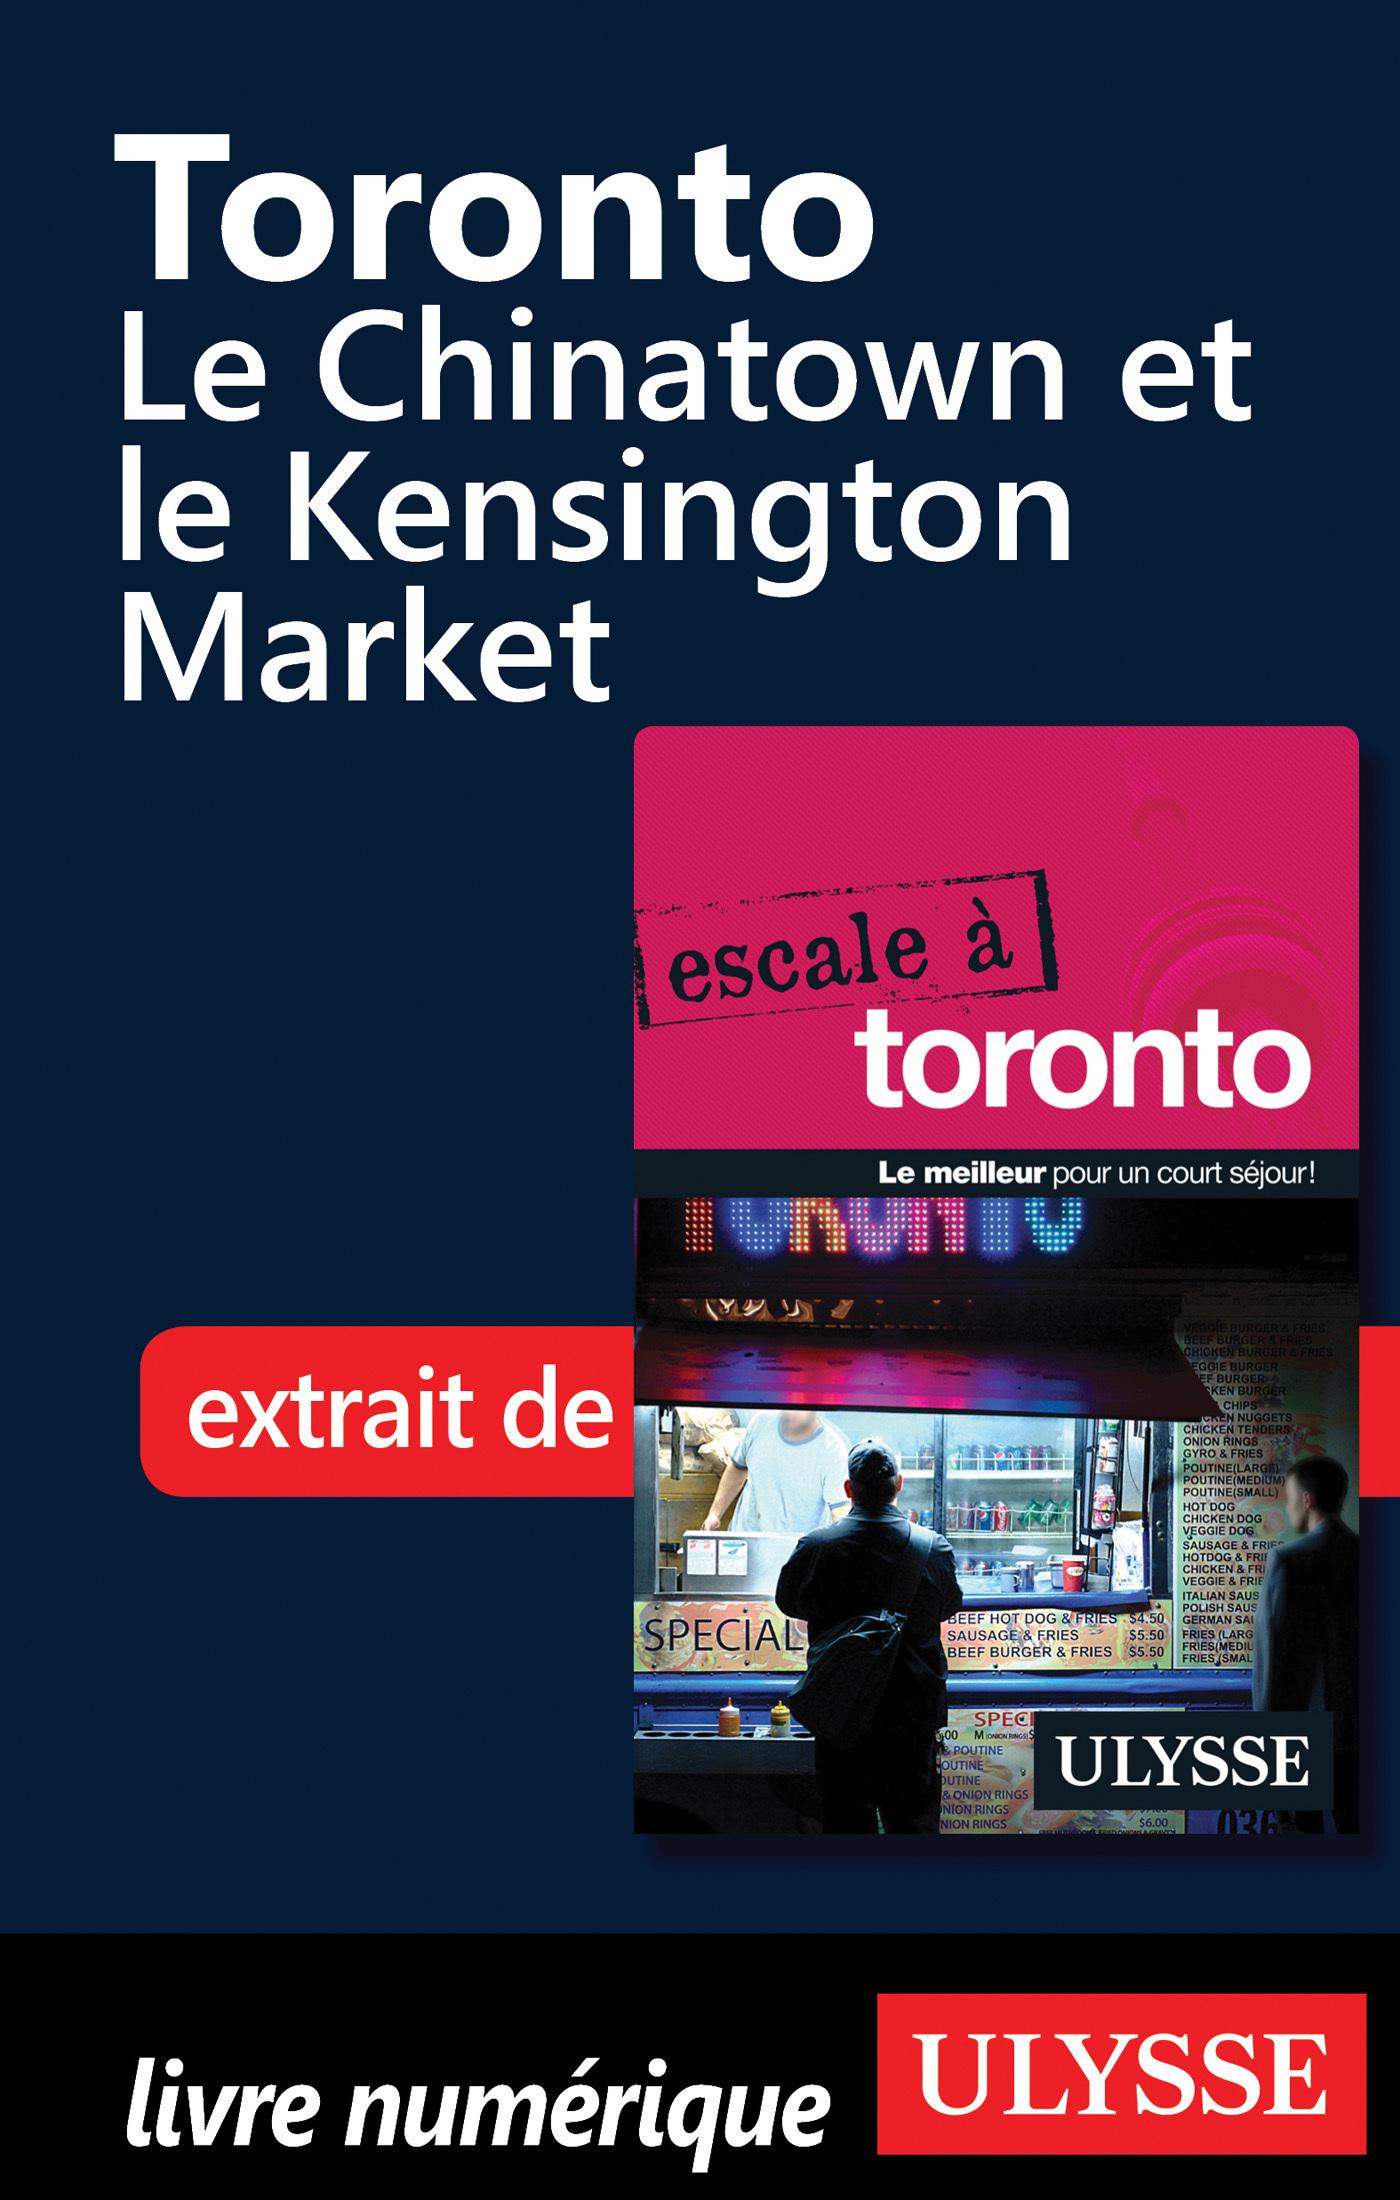 Toronto - Chinatown et le Kensington Market